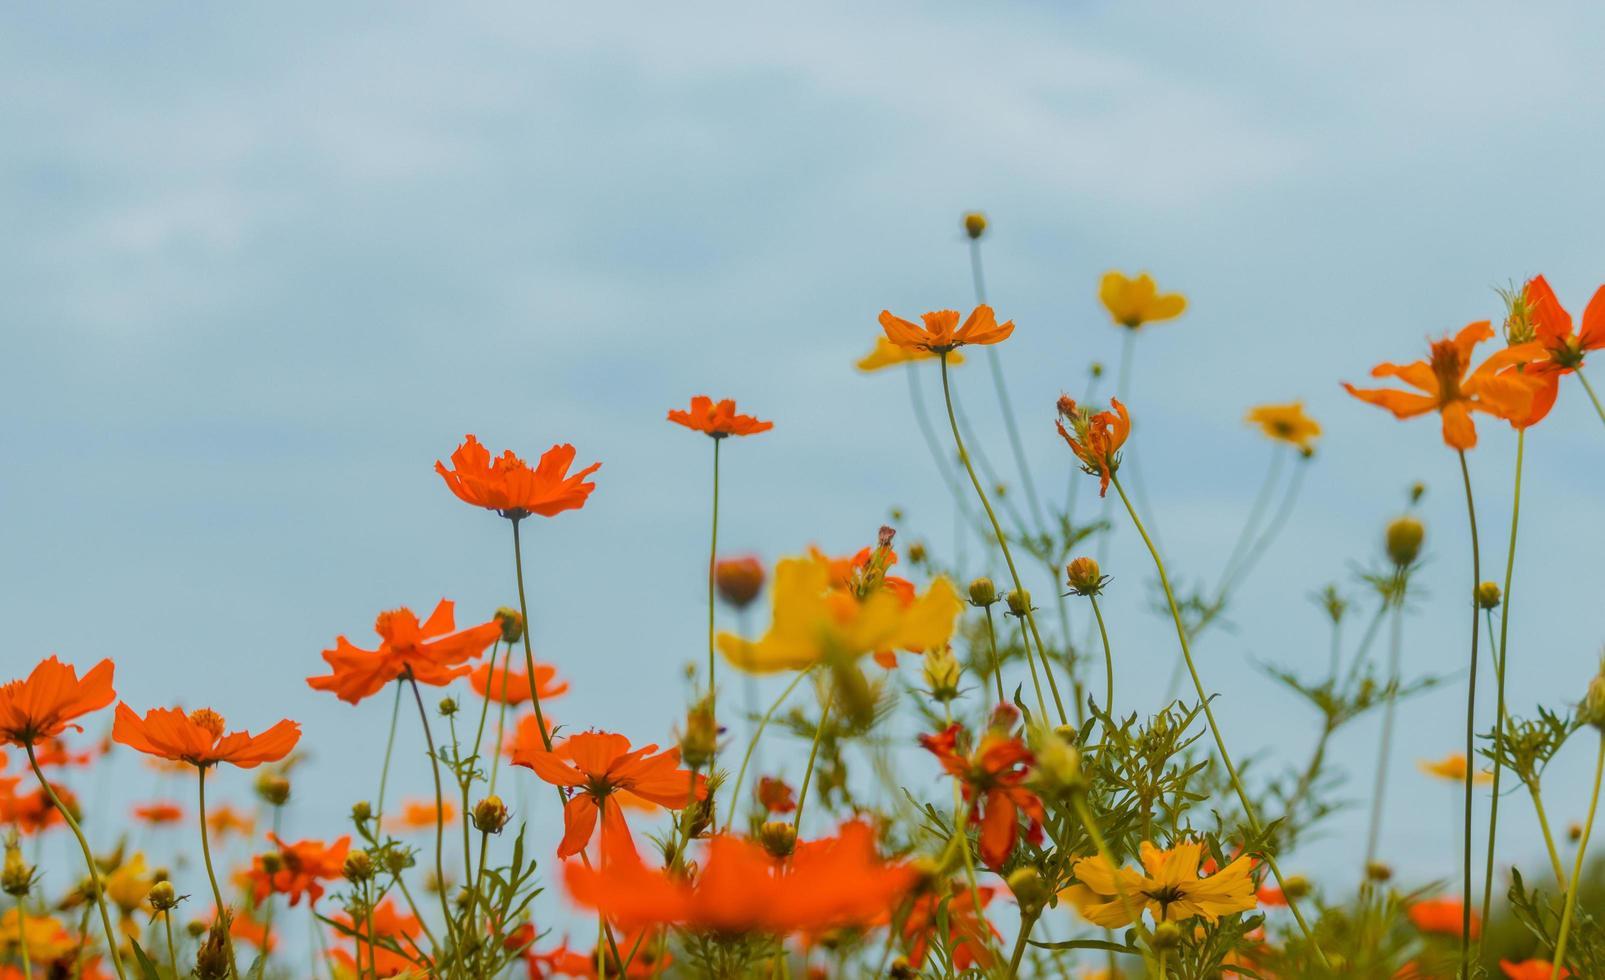 bellissimi fiori che sbocciano foto